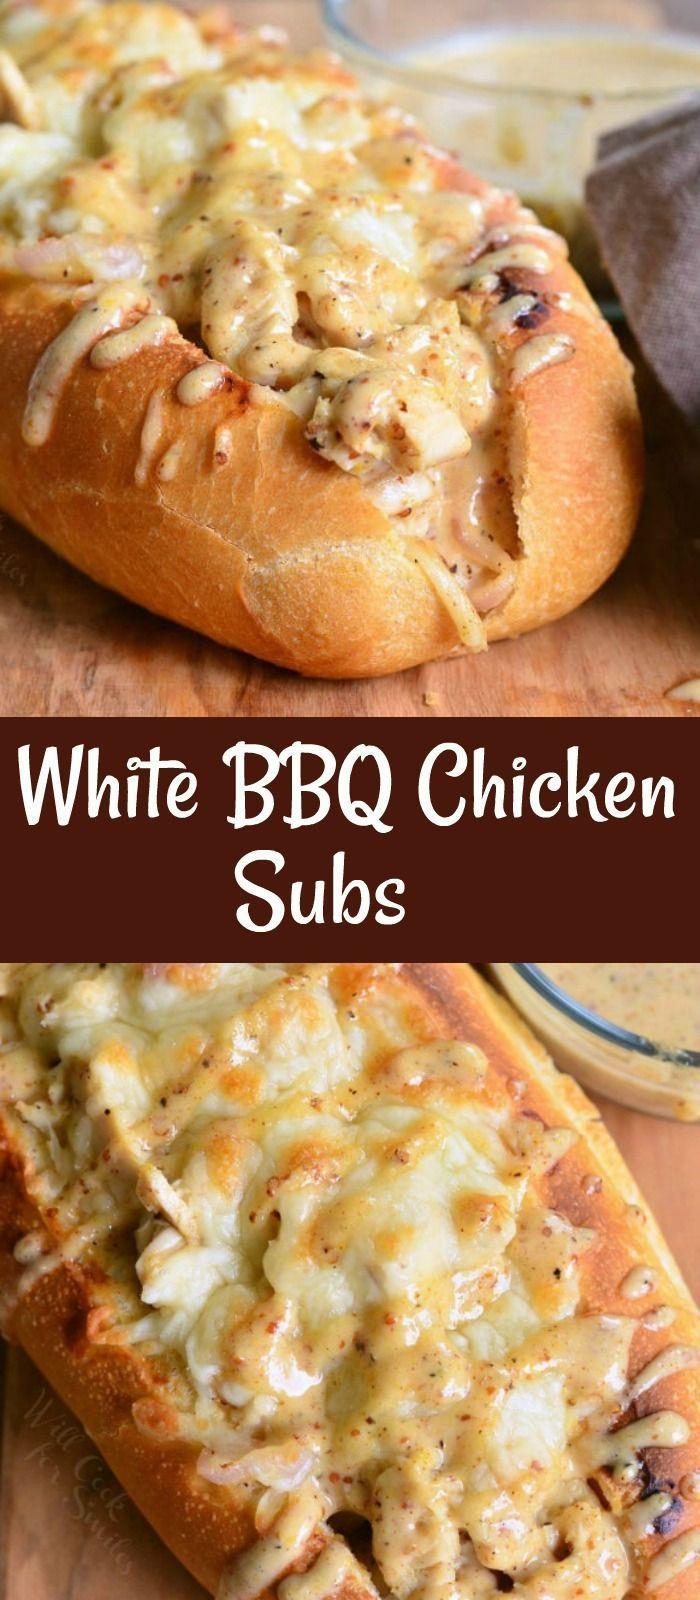 White BBQ Chicken Subs